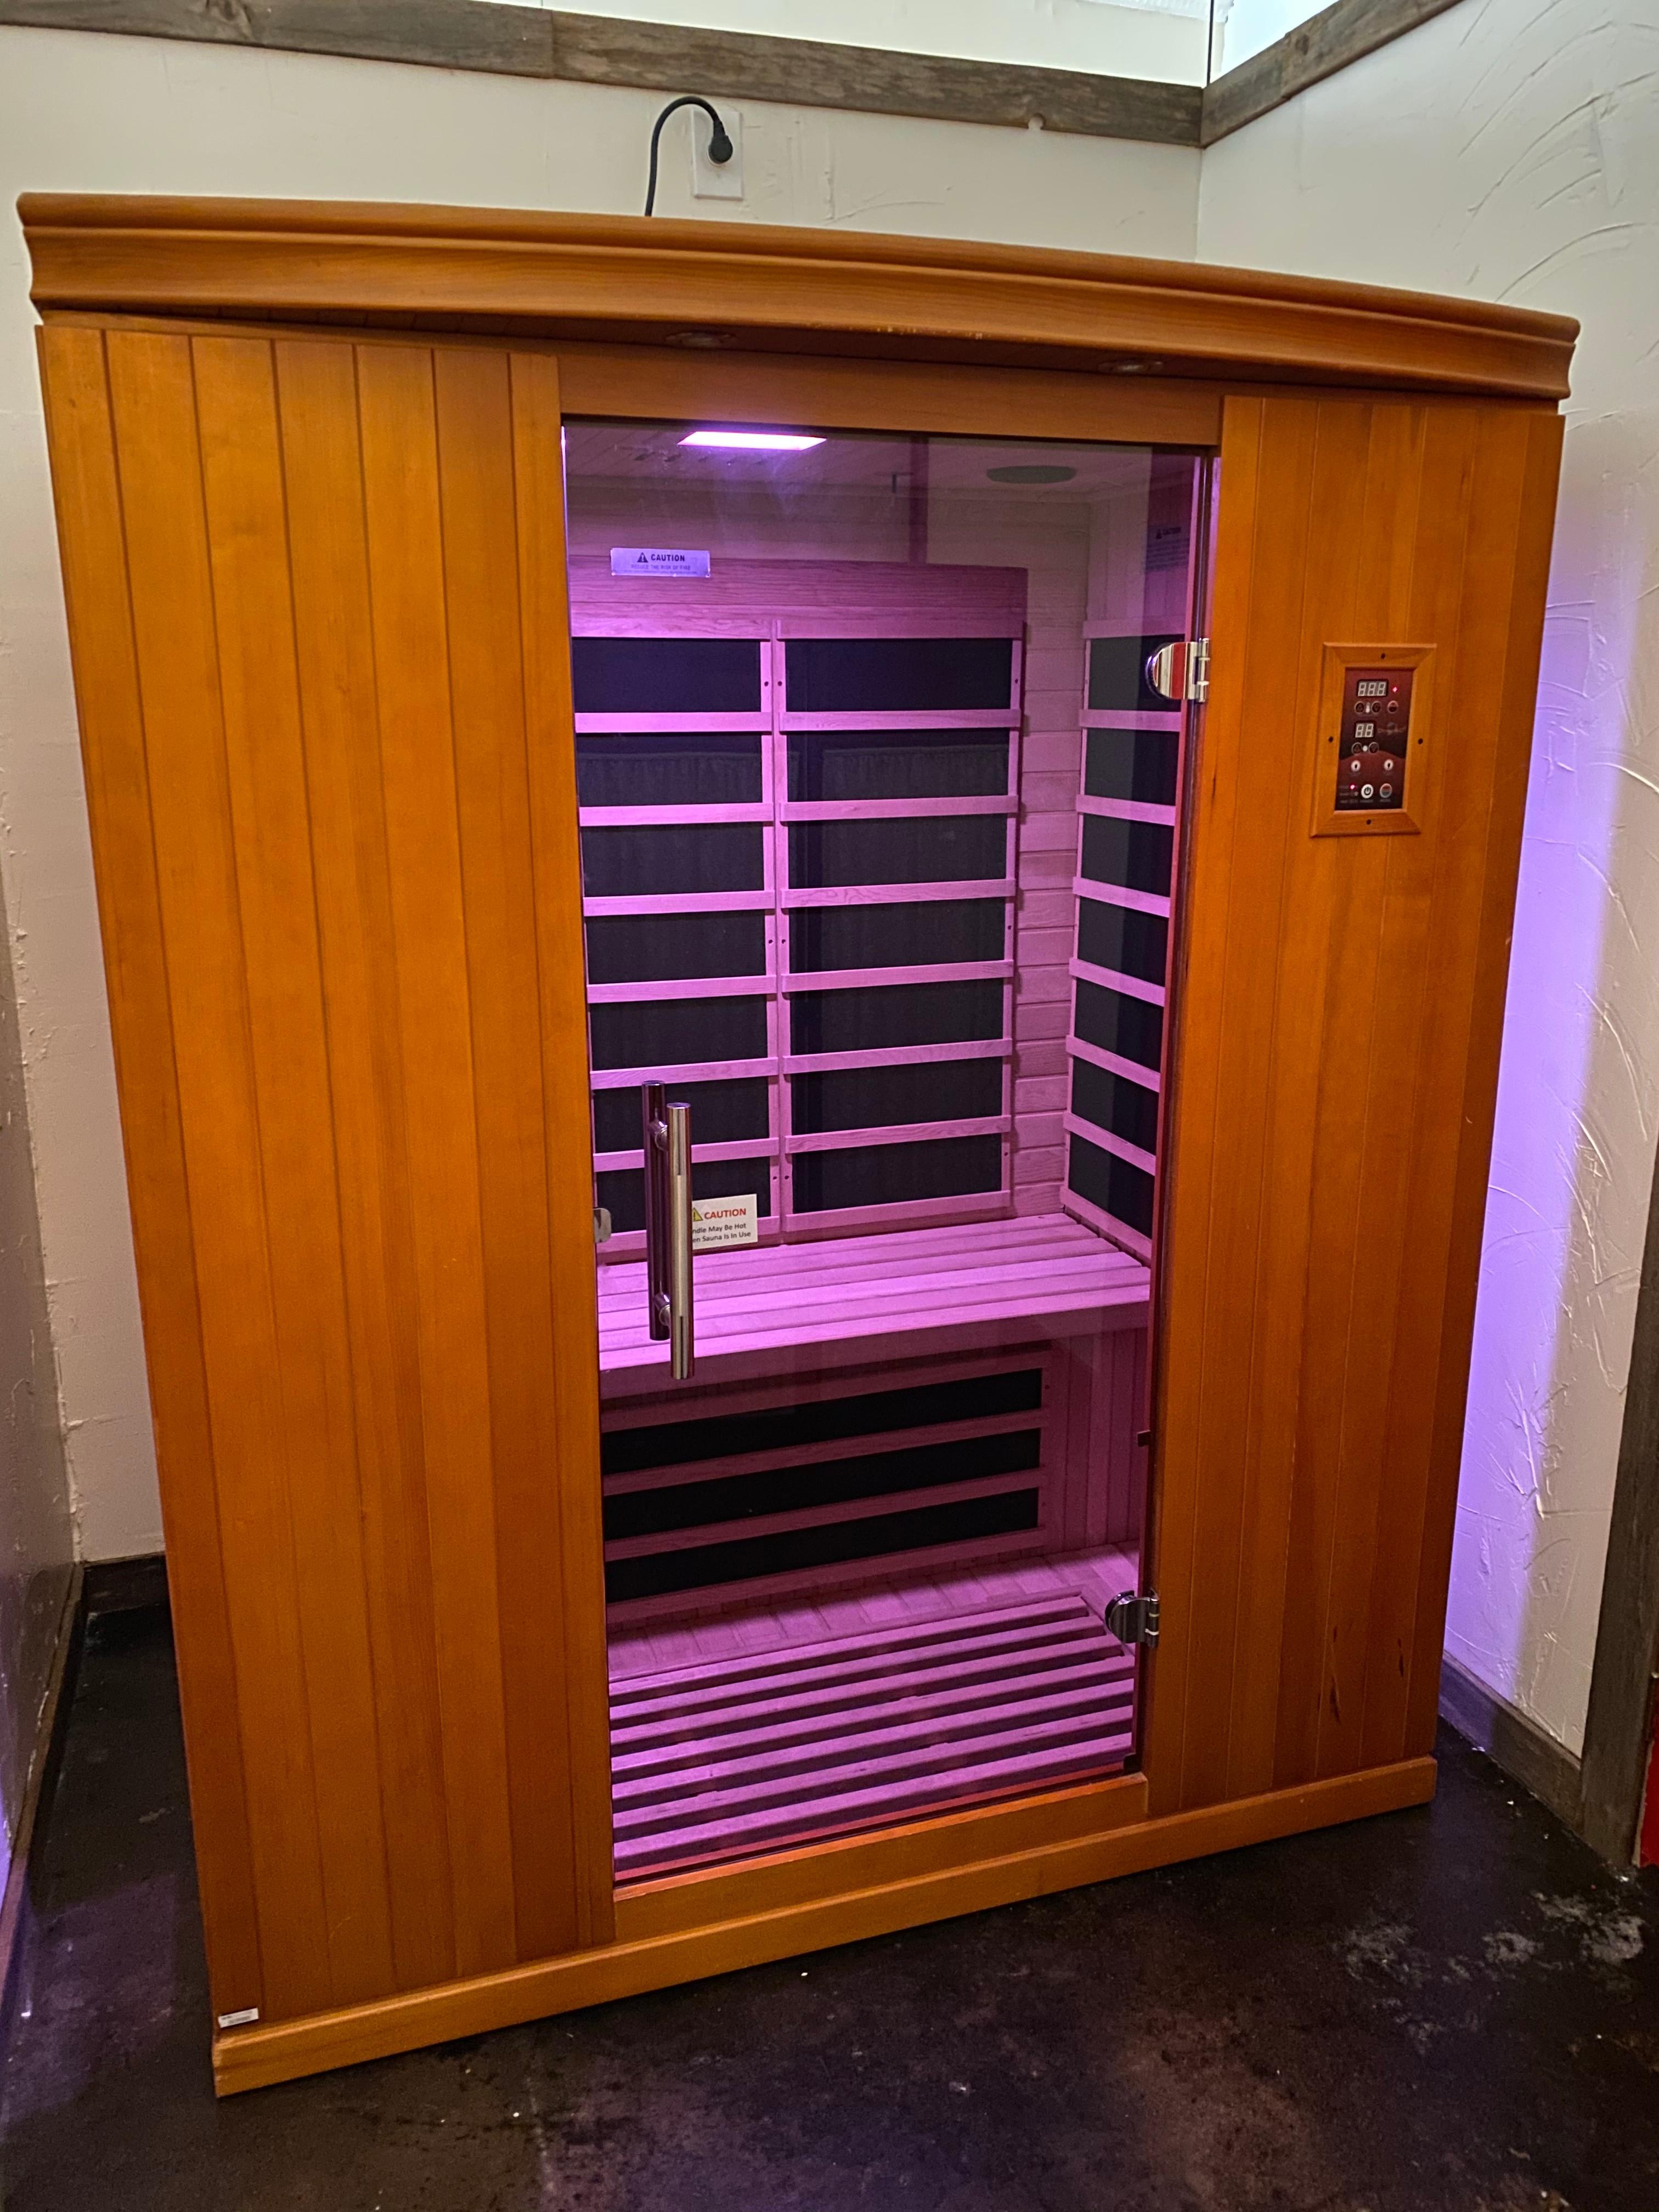 Sauna Session 2.0